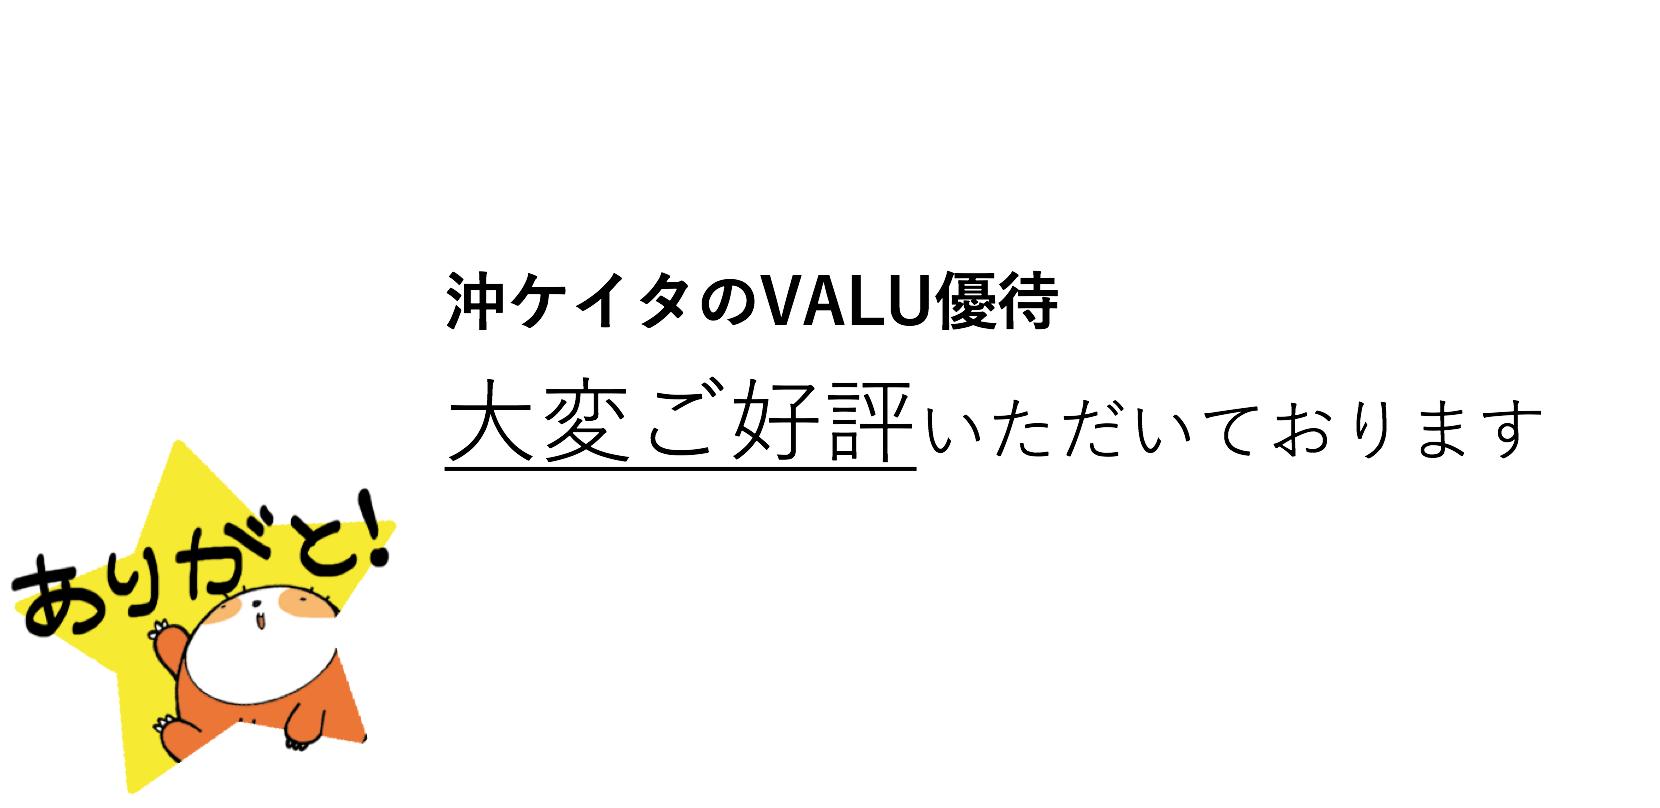 沖ケイタのVALU優待が大変好評です!調達した資金の使い道について